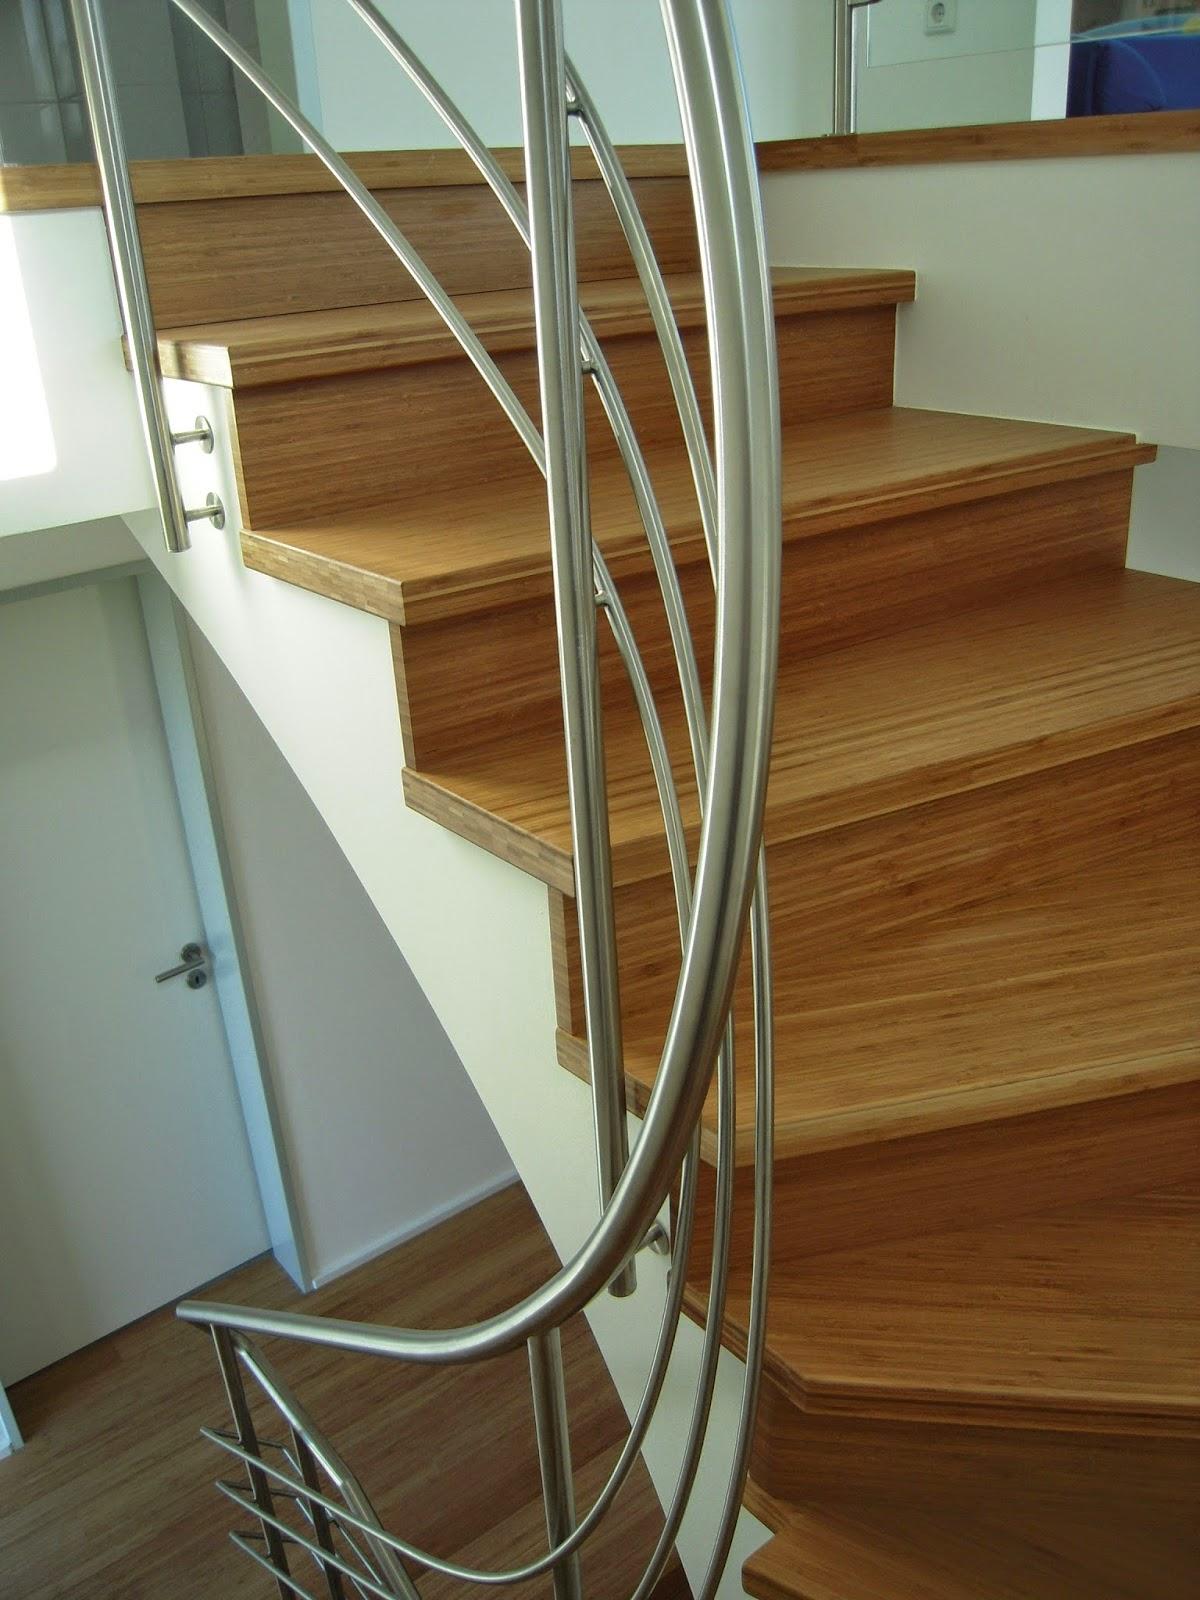 edelstahlgel nder f r wendeltreppe fr bel metallbau. Black Bedroom Furniture Sets. Home Design Ideas